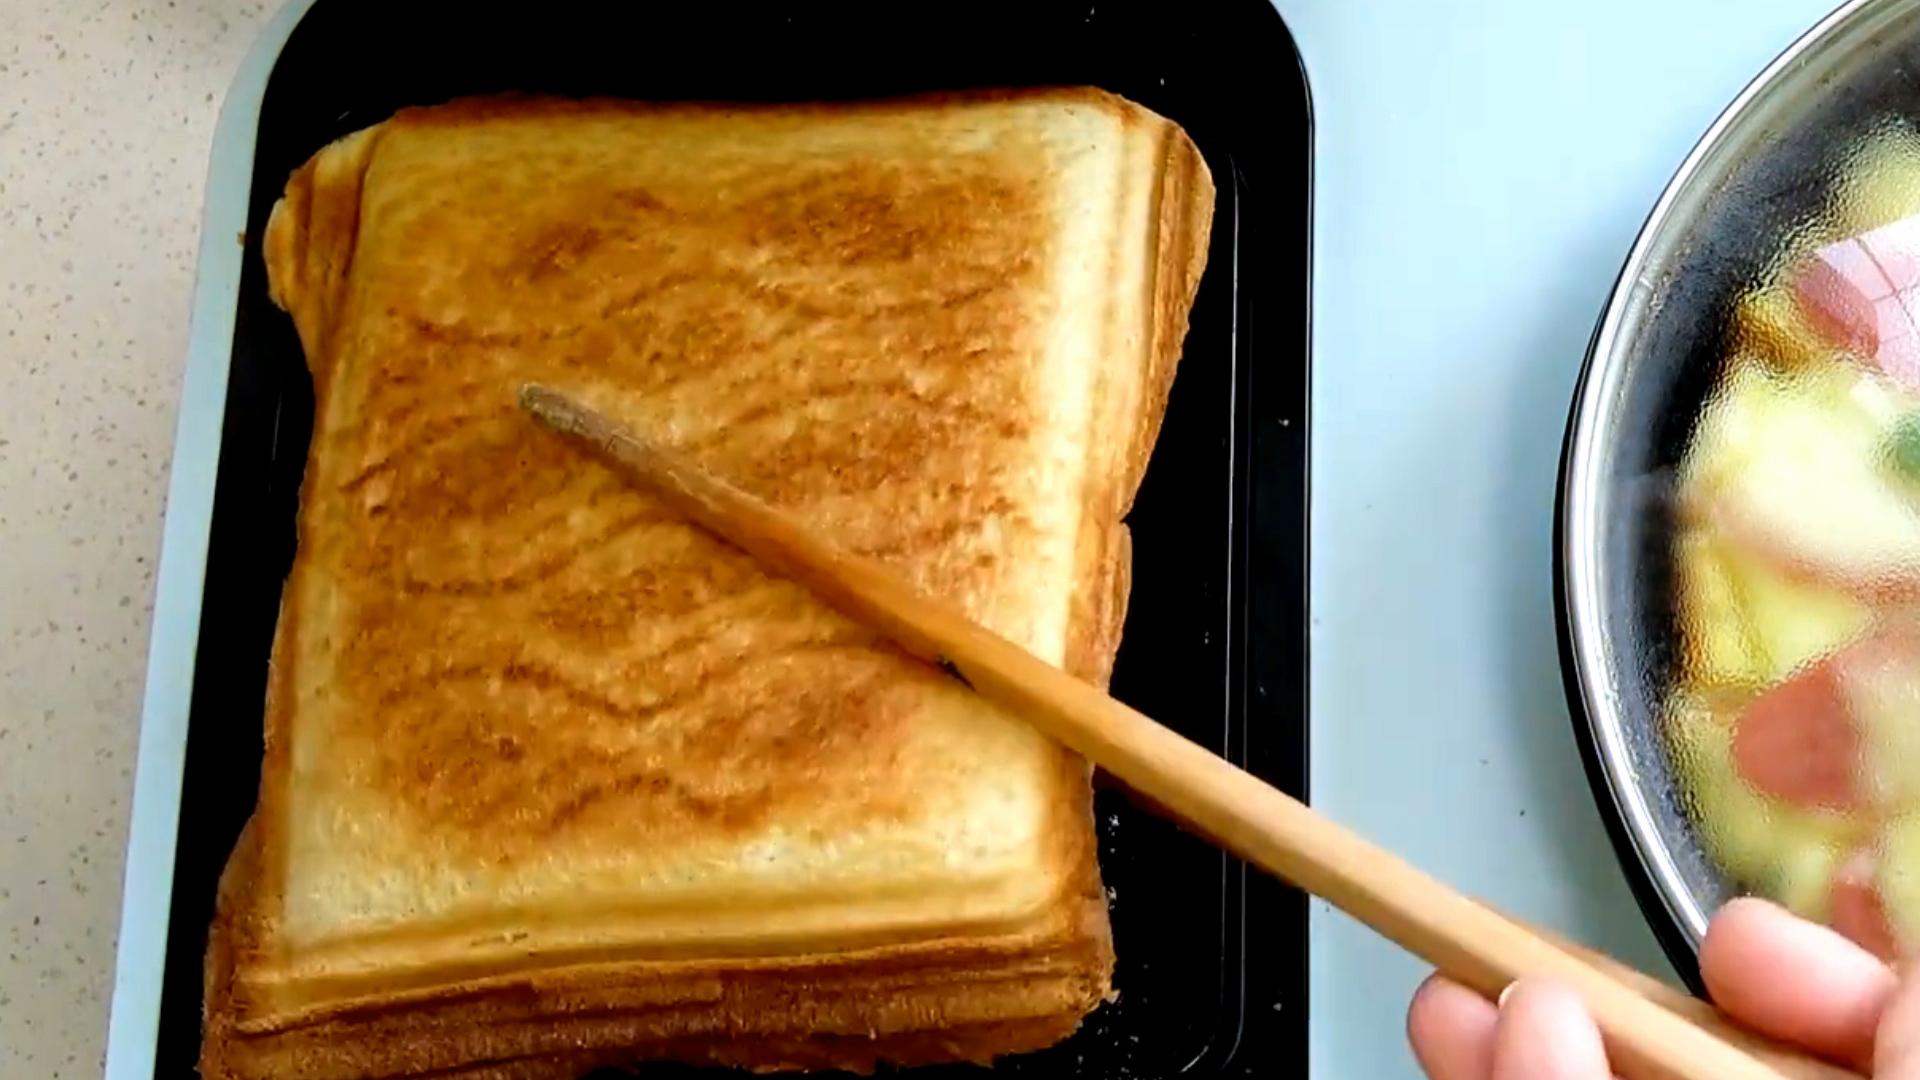 早餐要吃好,4分钟做核桃酸奶三明治,好吃营养又益脑,孩子超爱吃